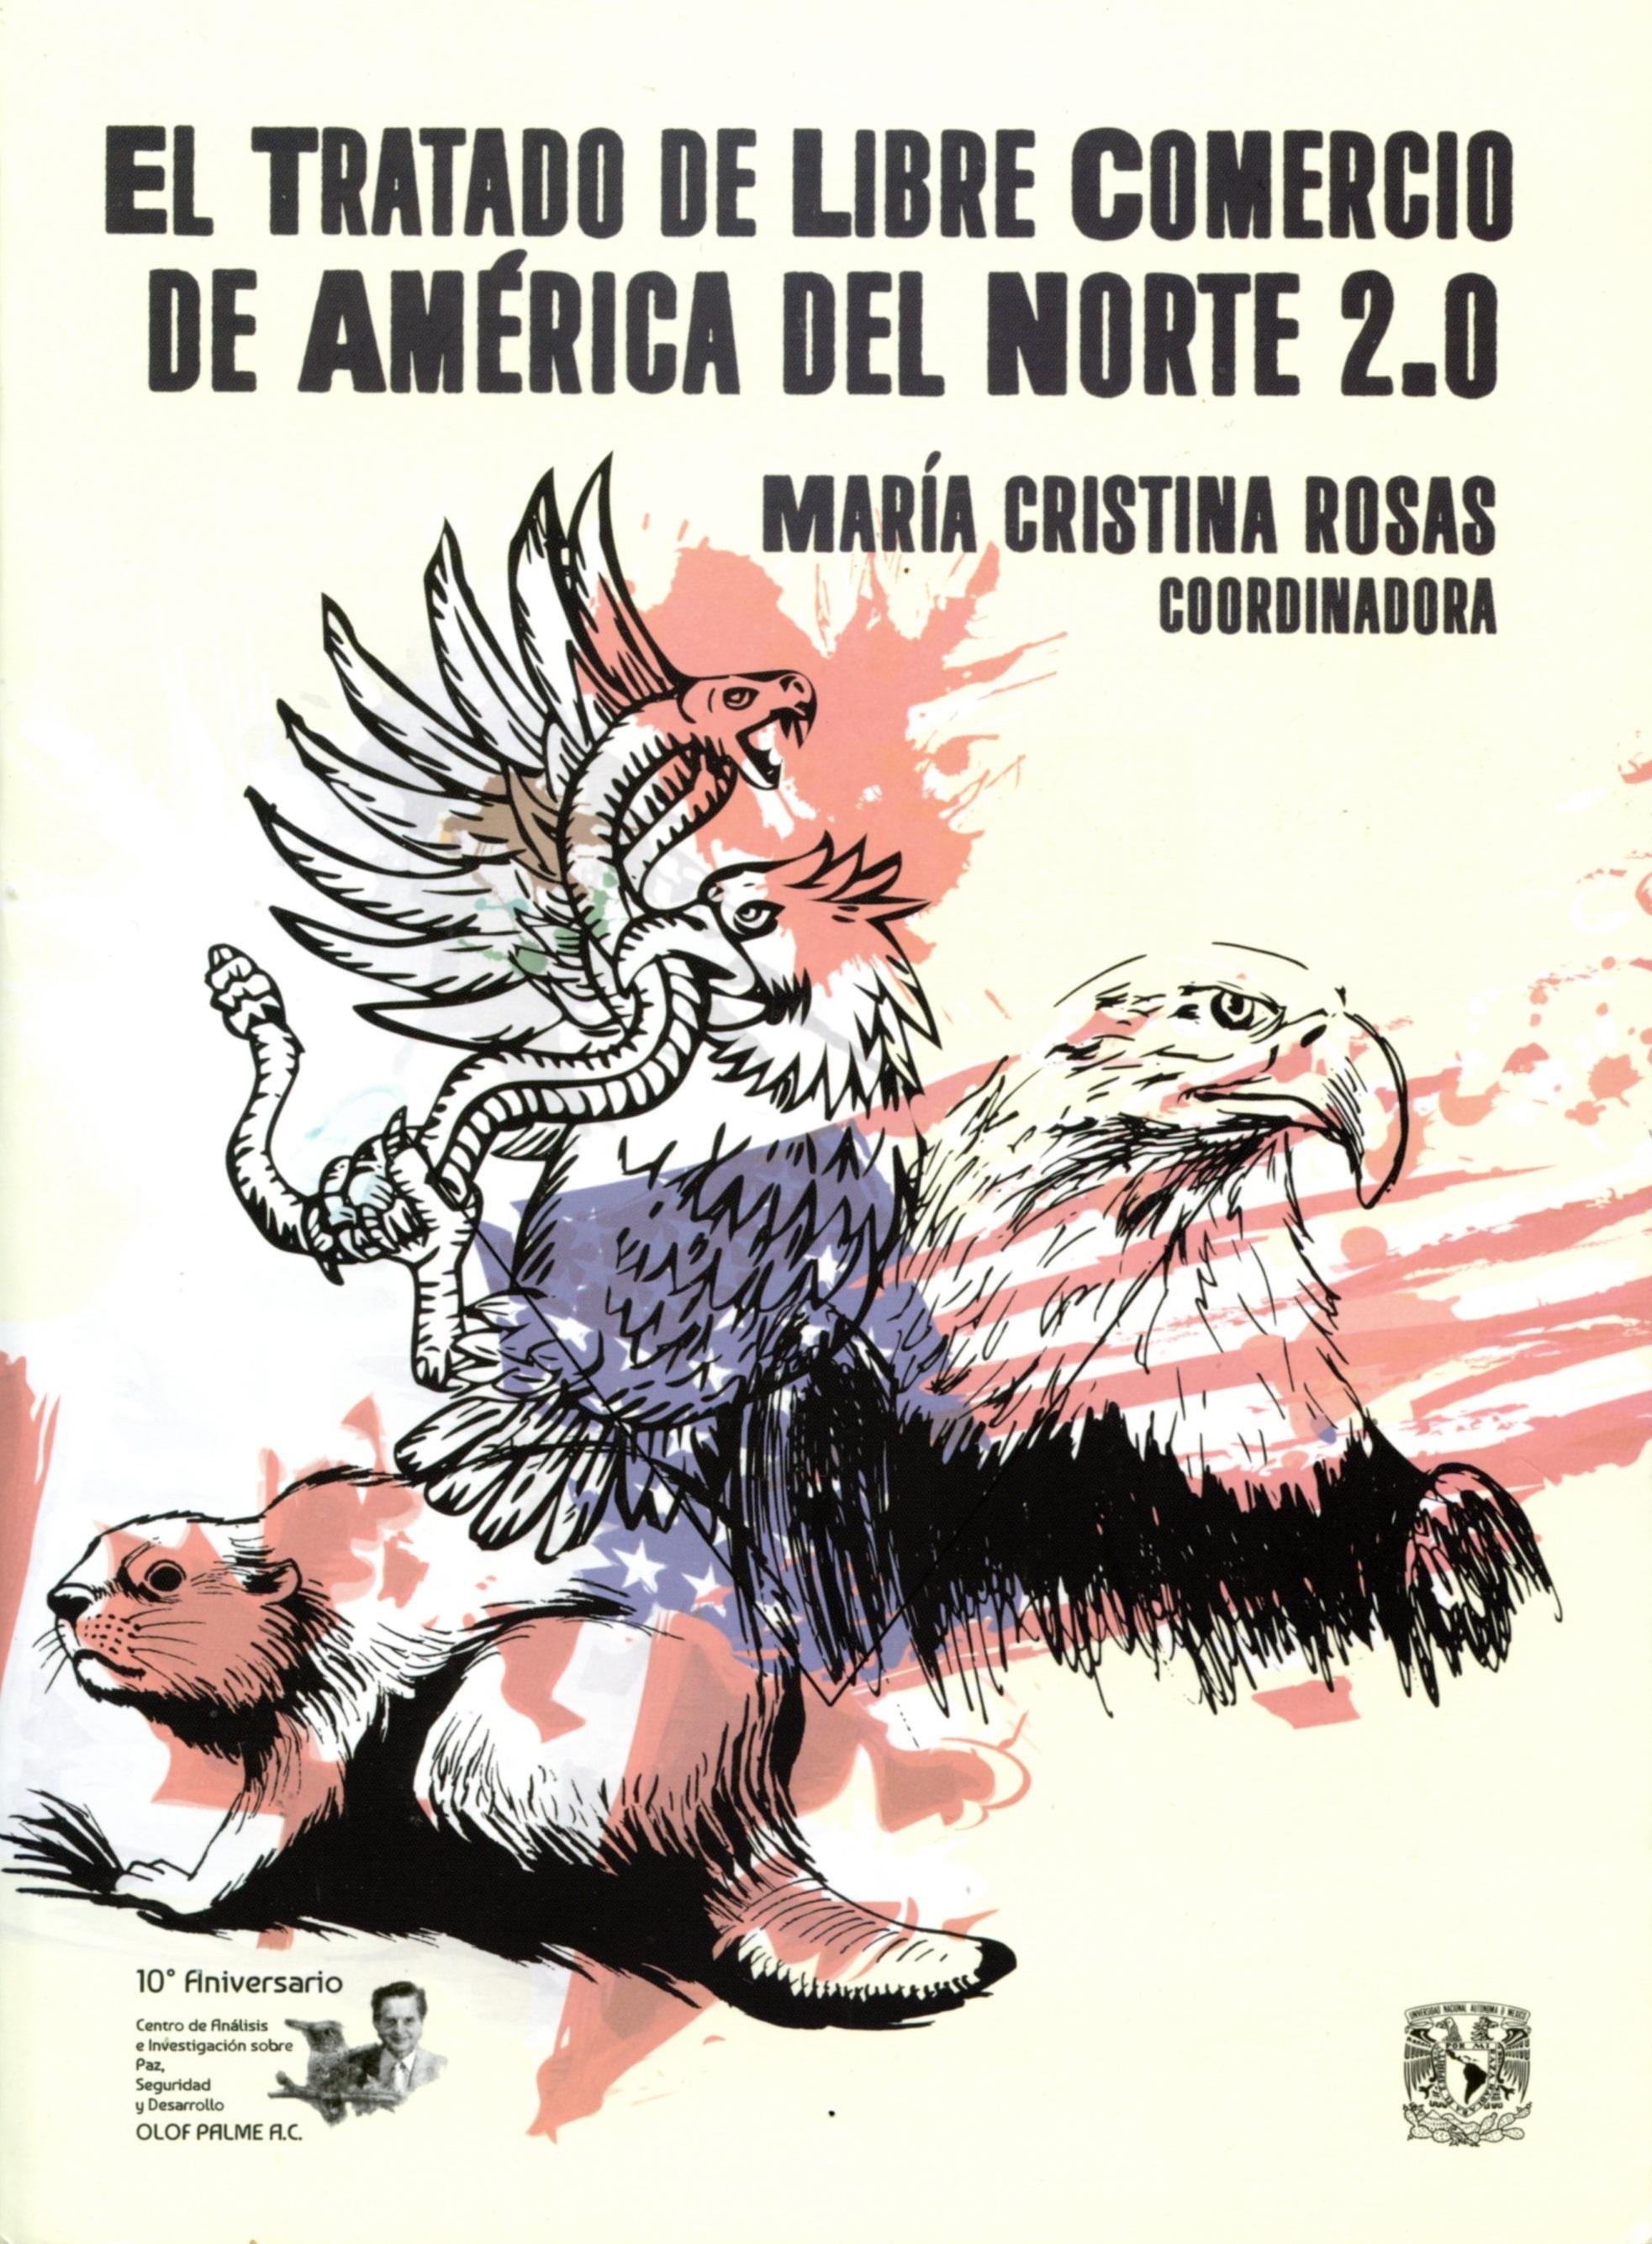 El Tratado de Libre Comercio de América del Norte 2.0